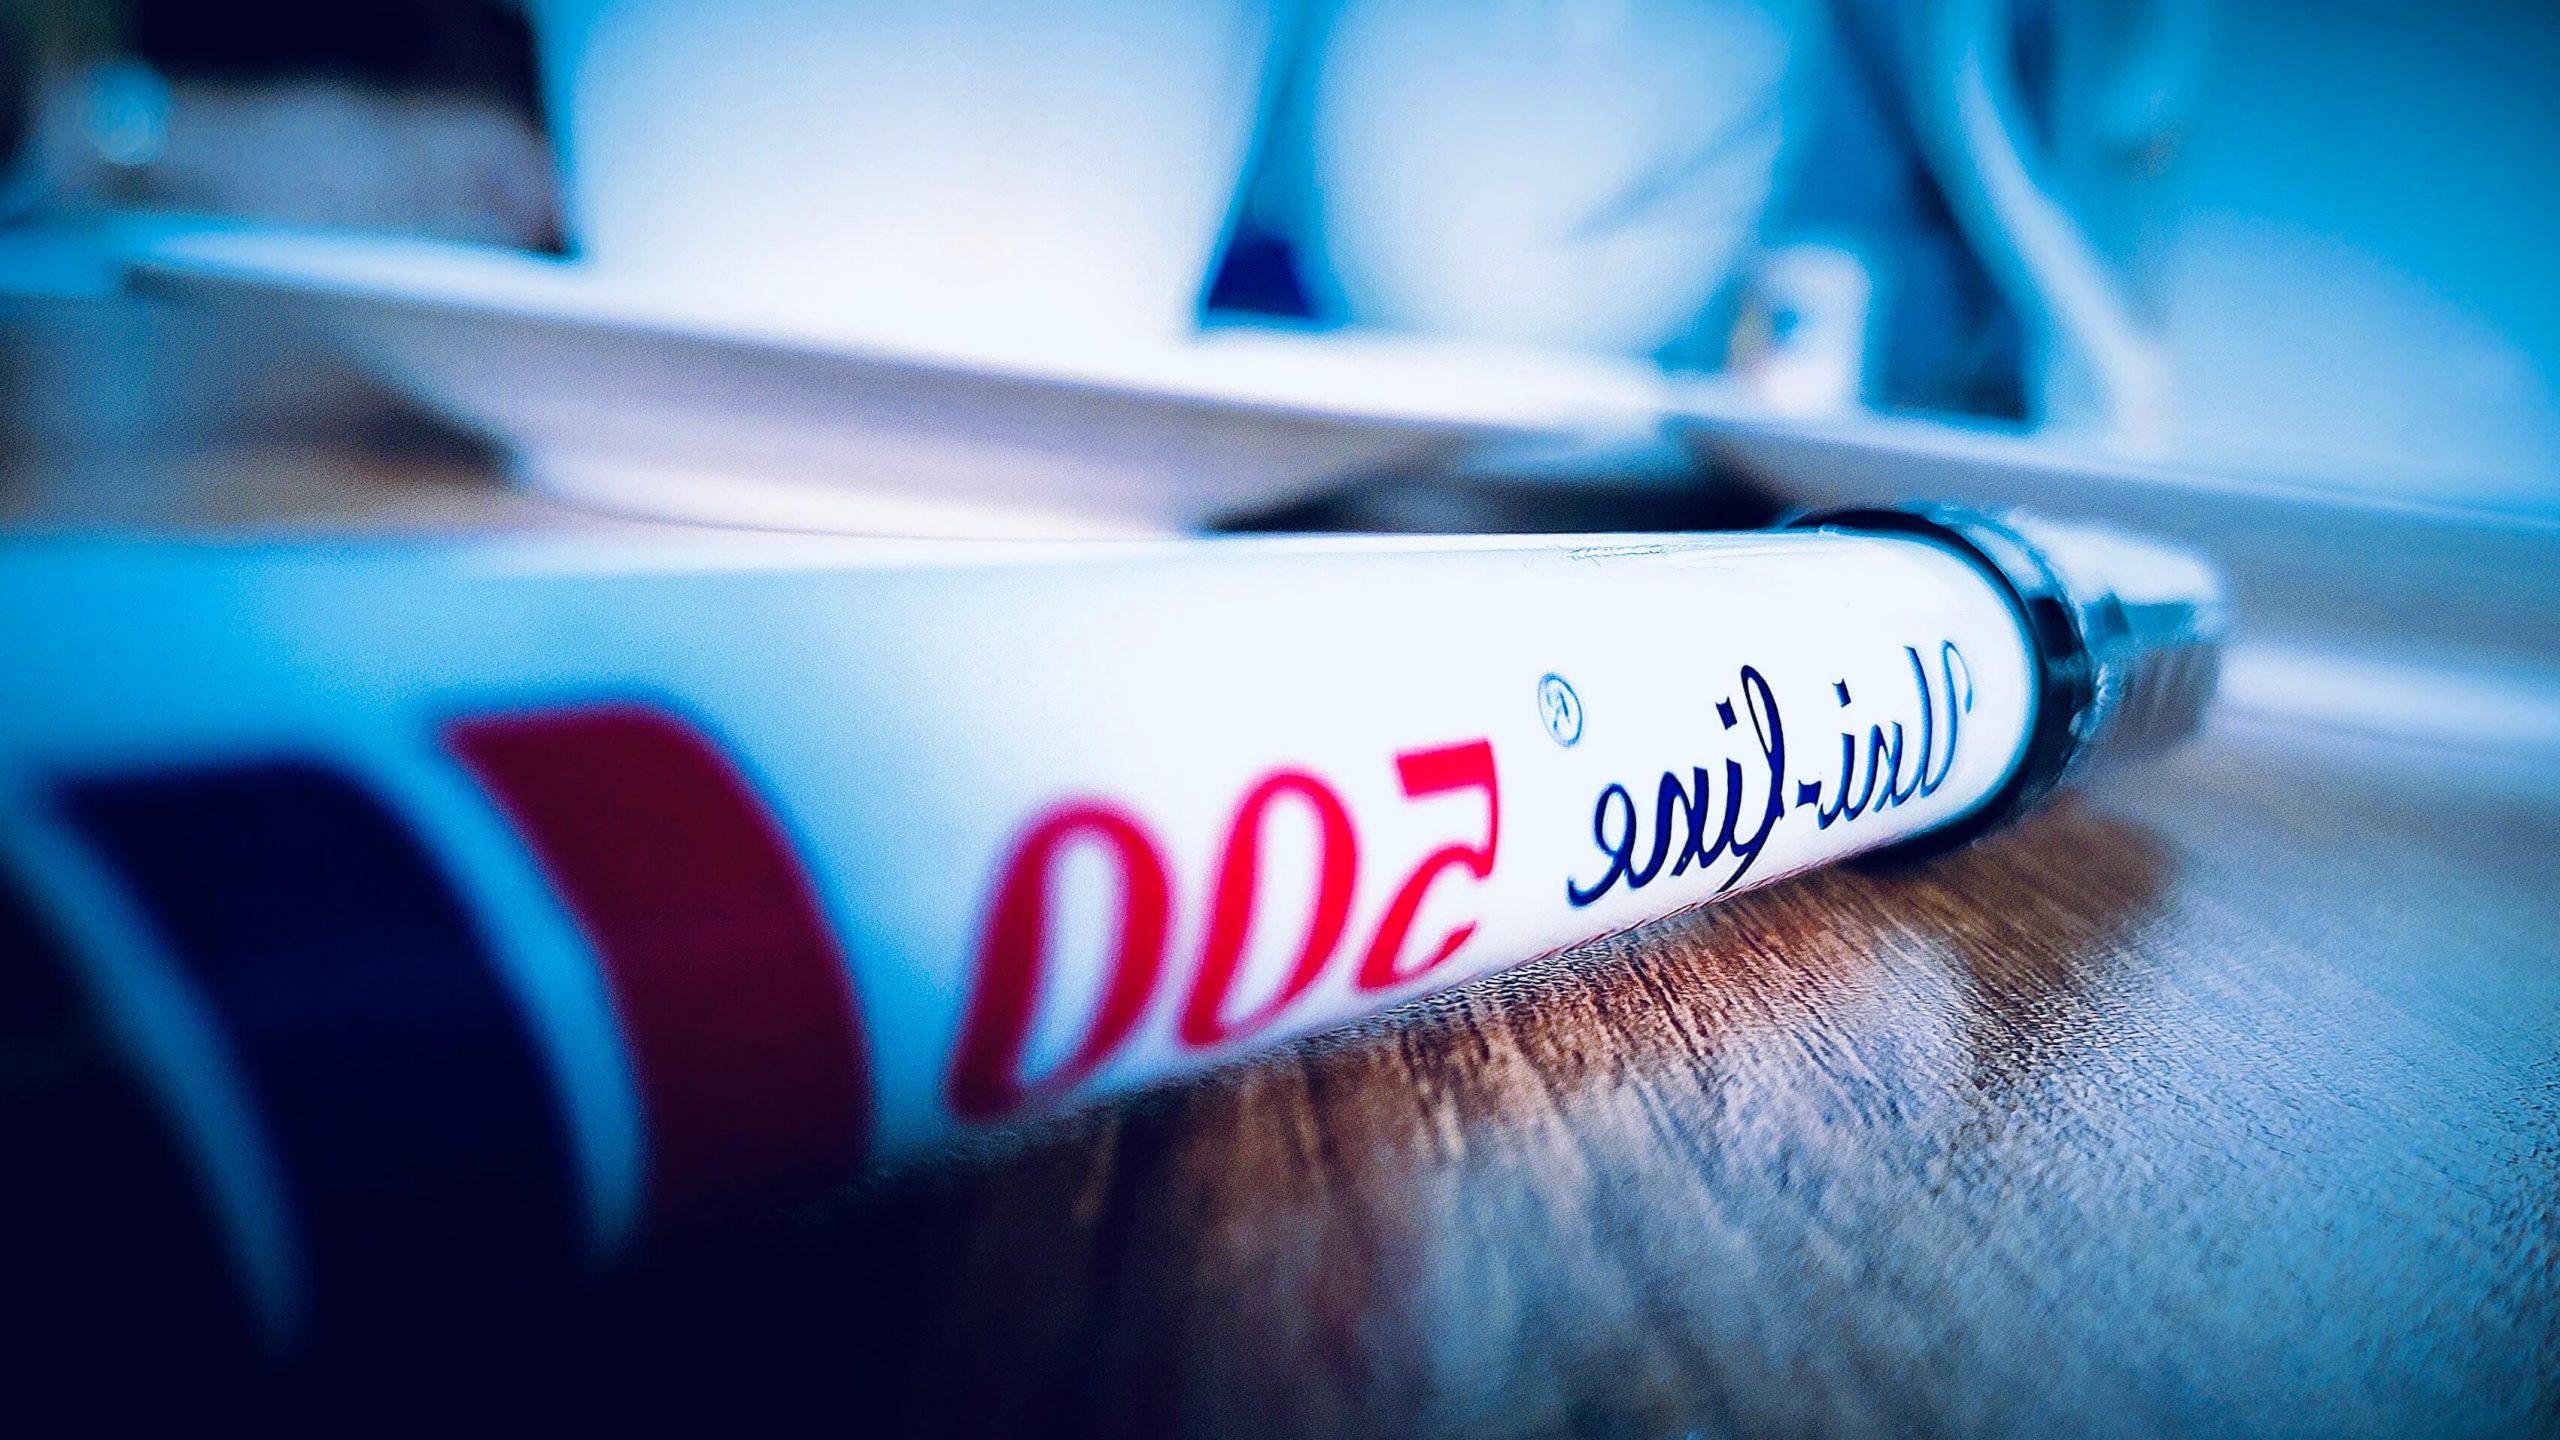 Ручки с логотипом на заказ — изготовление. Что учесть перед заказом печати логотипа на ручках